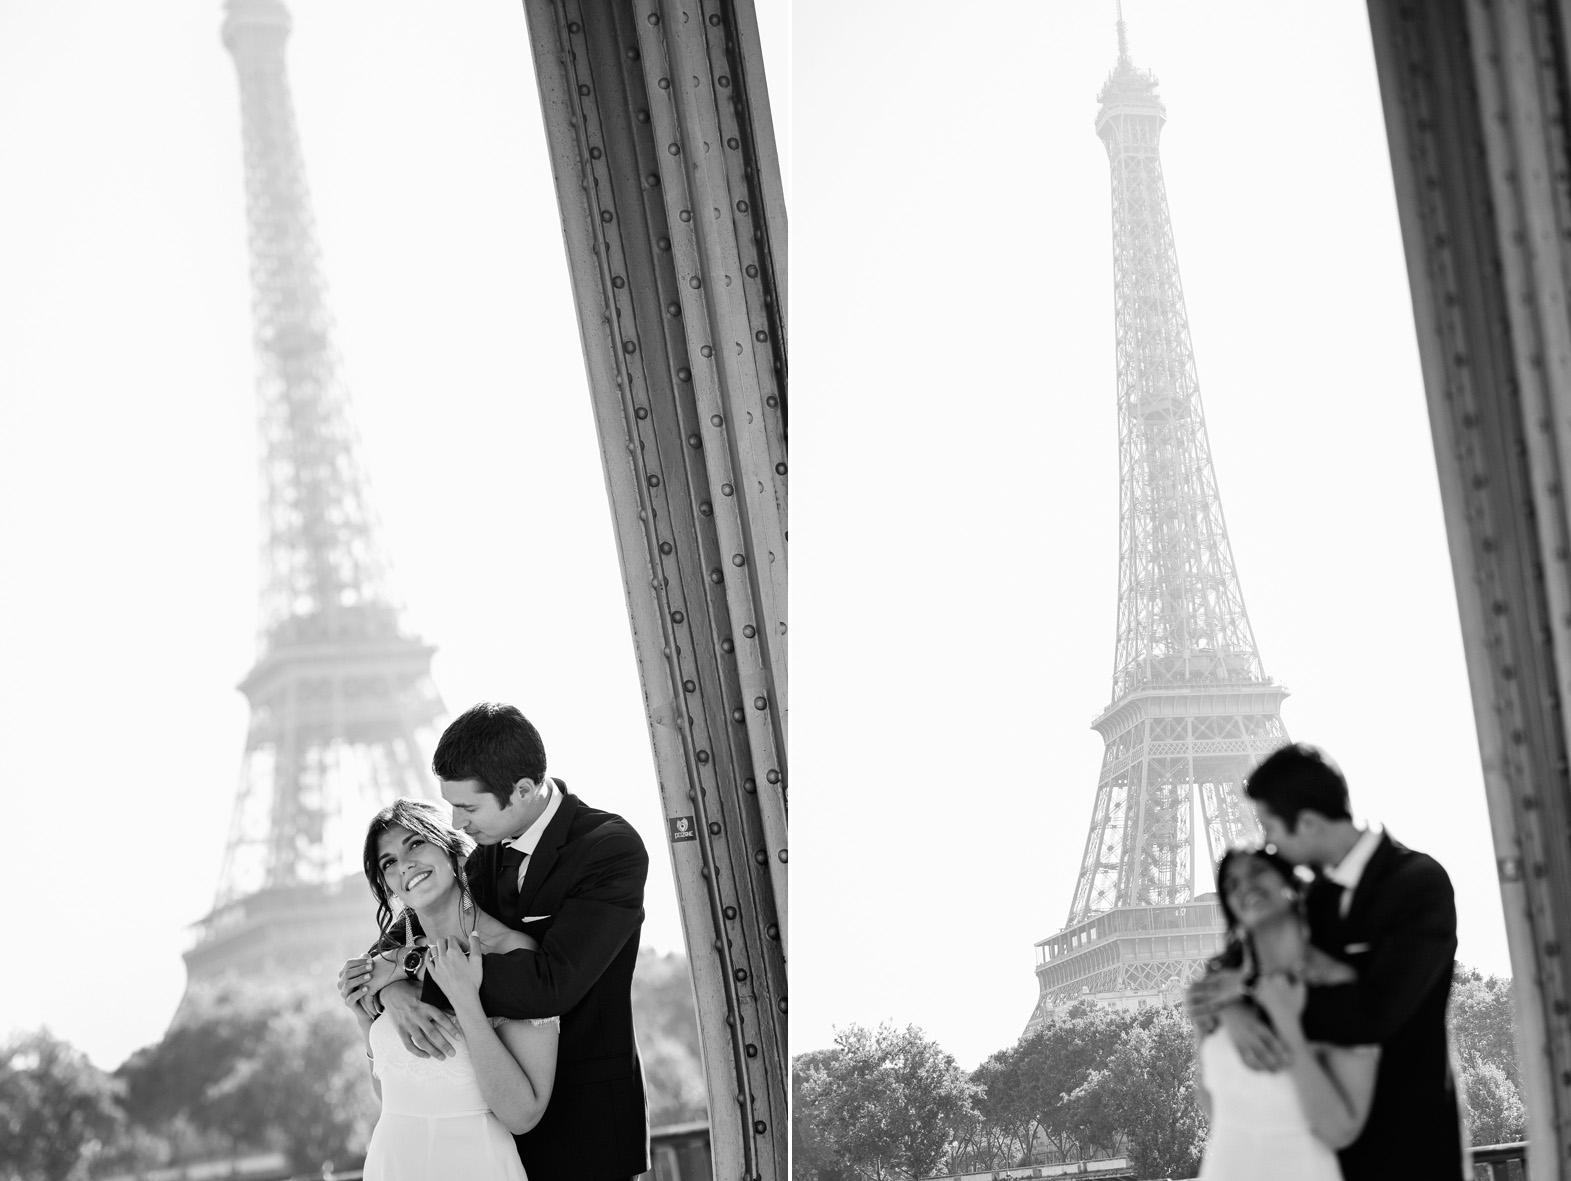 mariage_civil_AF_paris_75_photographe_clemence_dubois MEP5 BIS